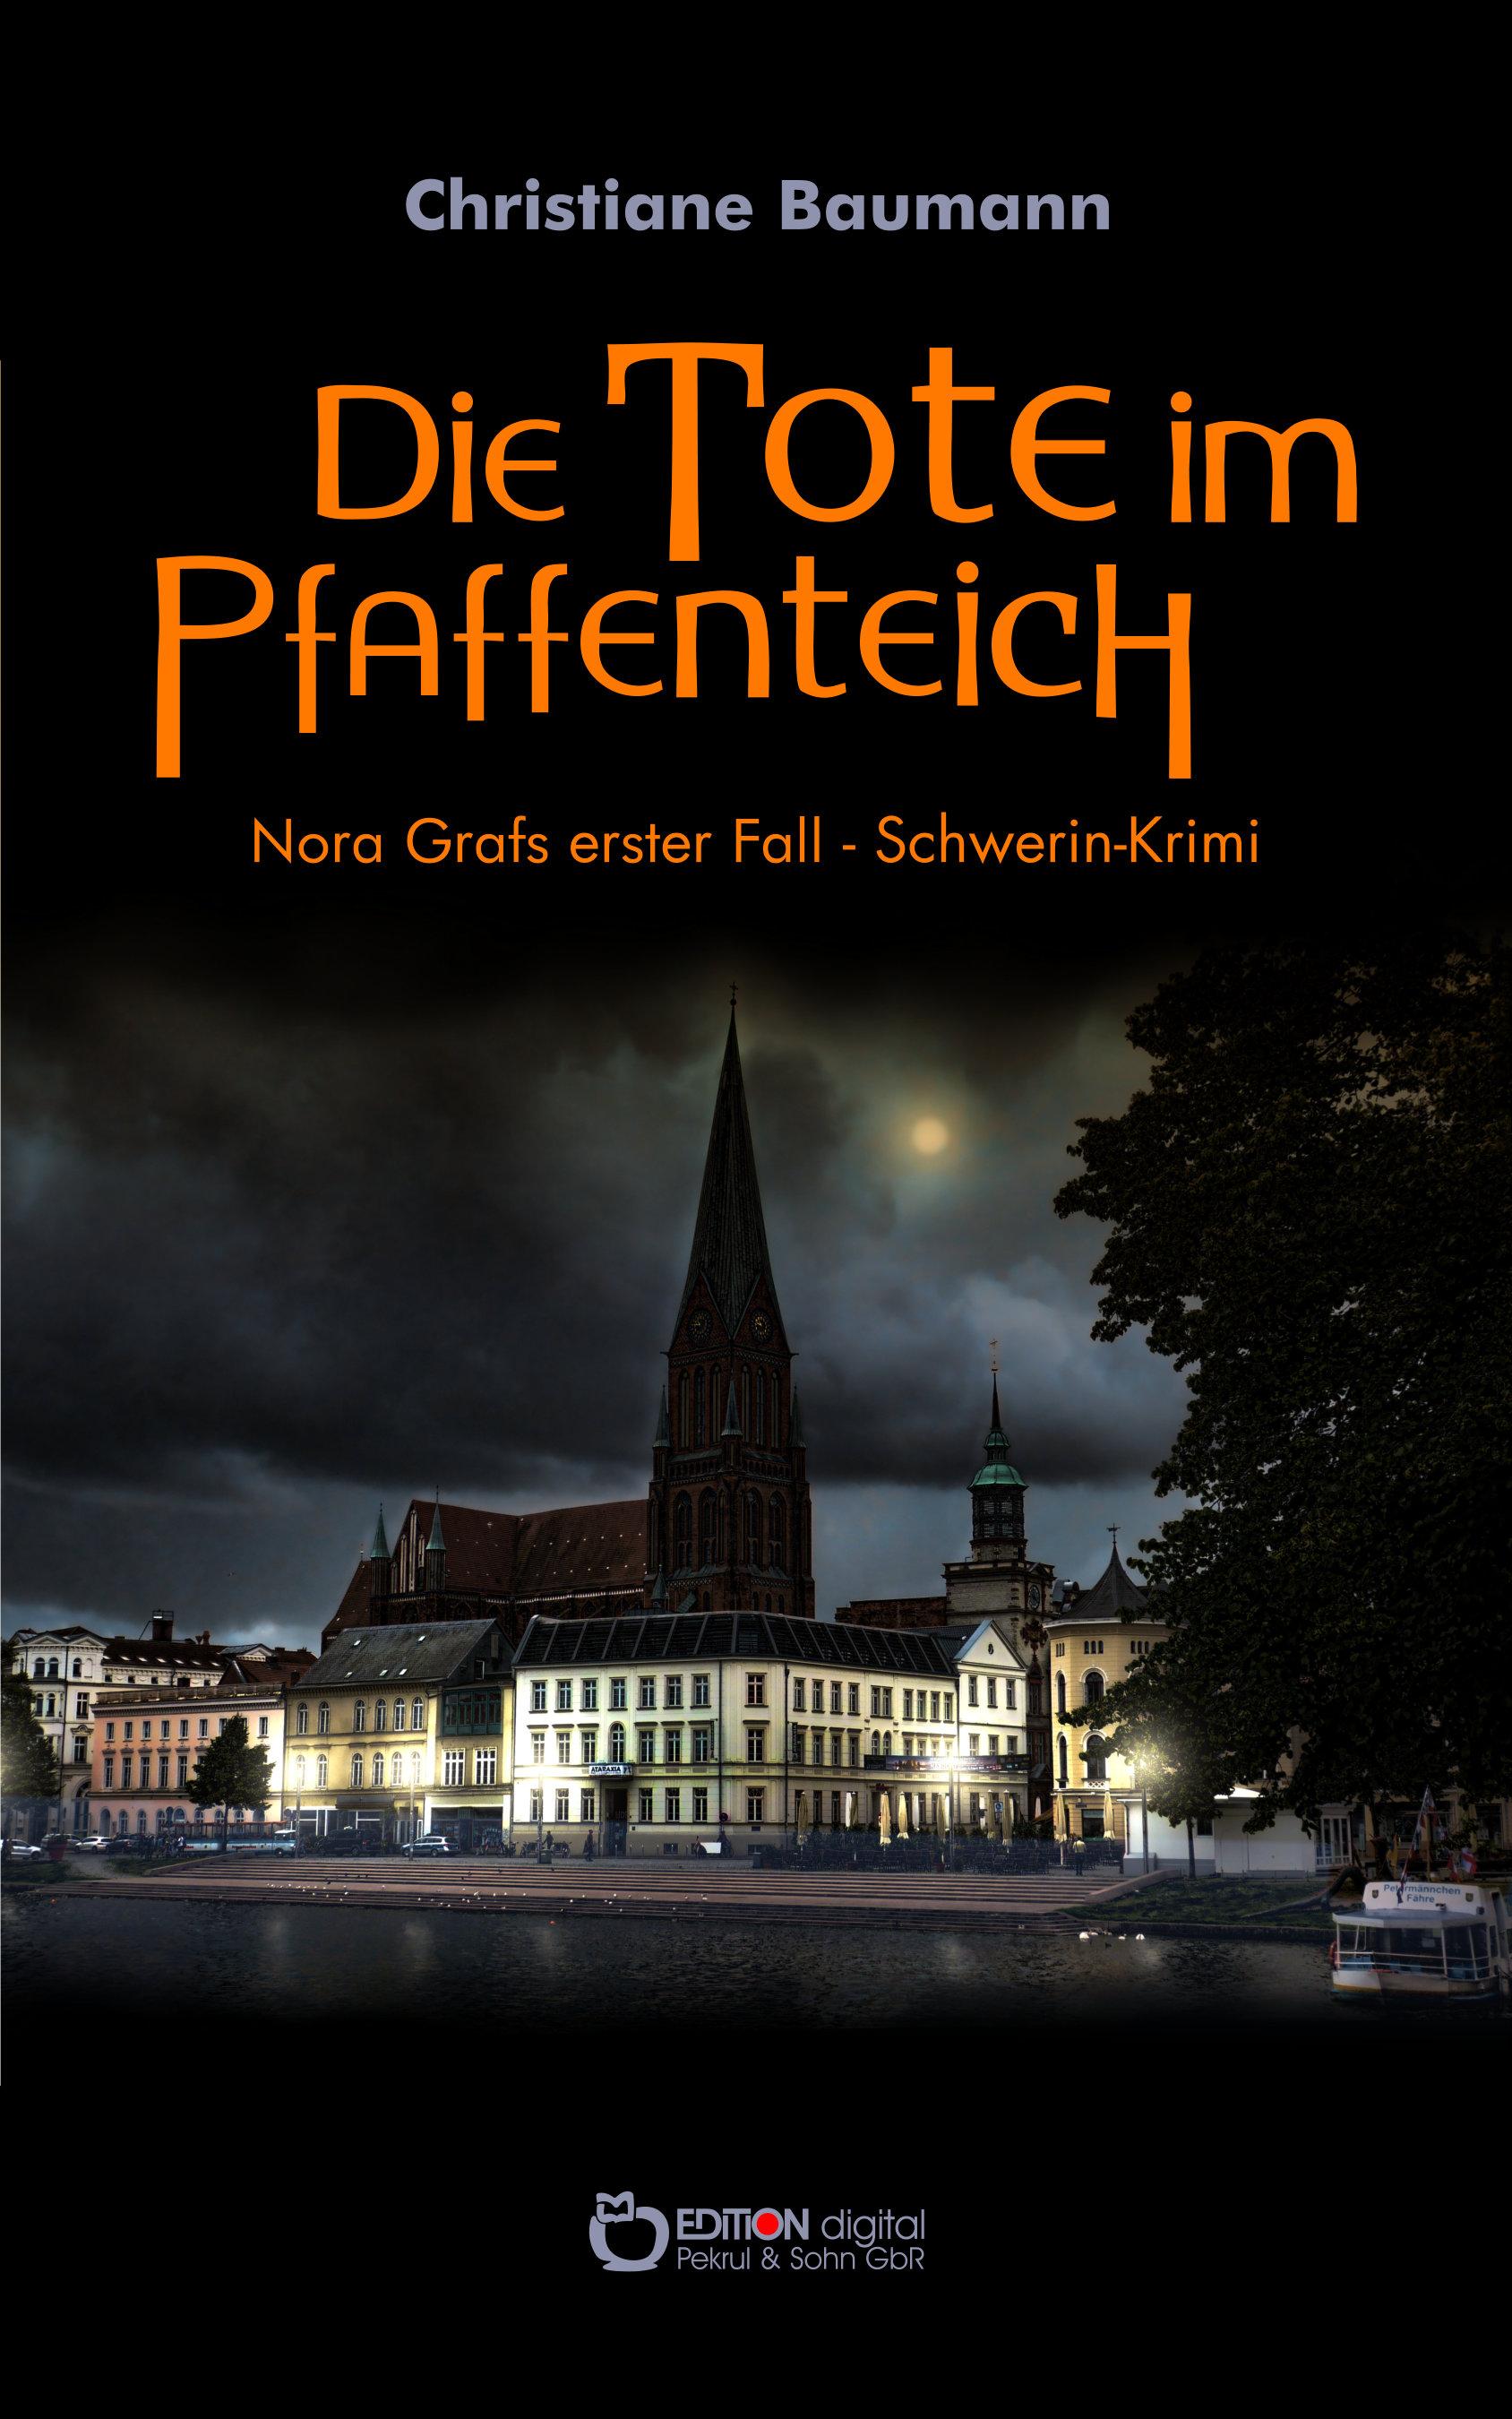 Die Tote im Pfaffenteich. Nora Grafs erster Fall - Schwerin-Krimi von Christiane Baumann